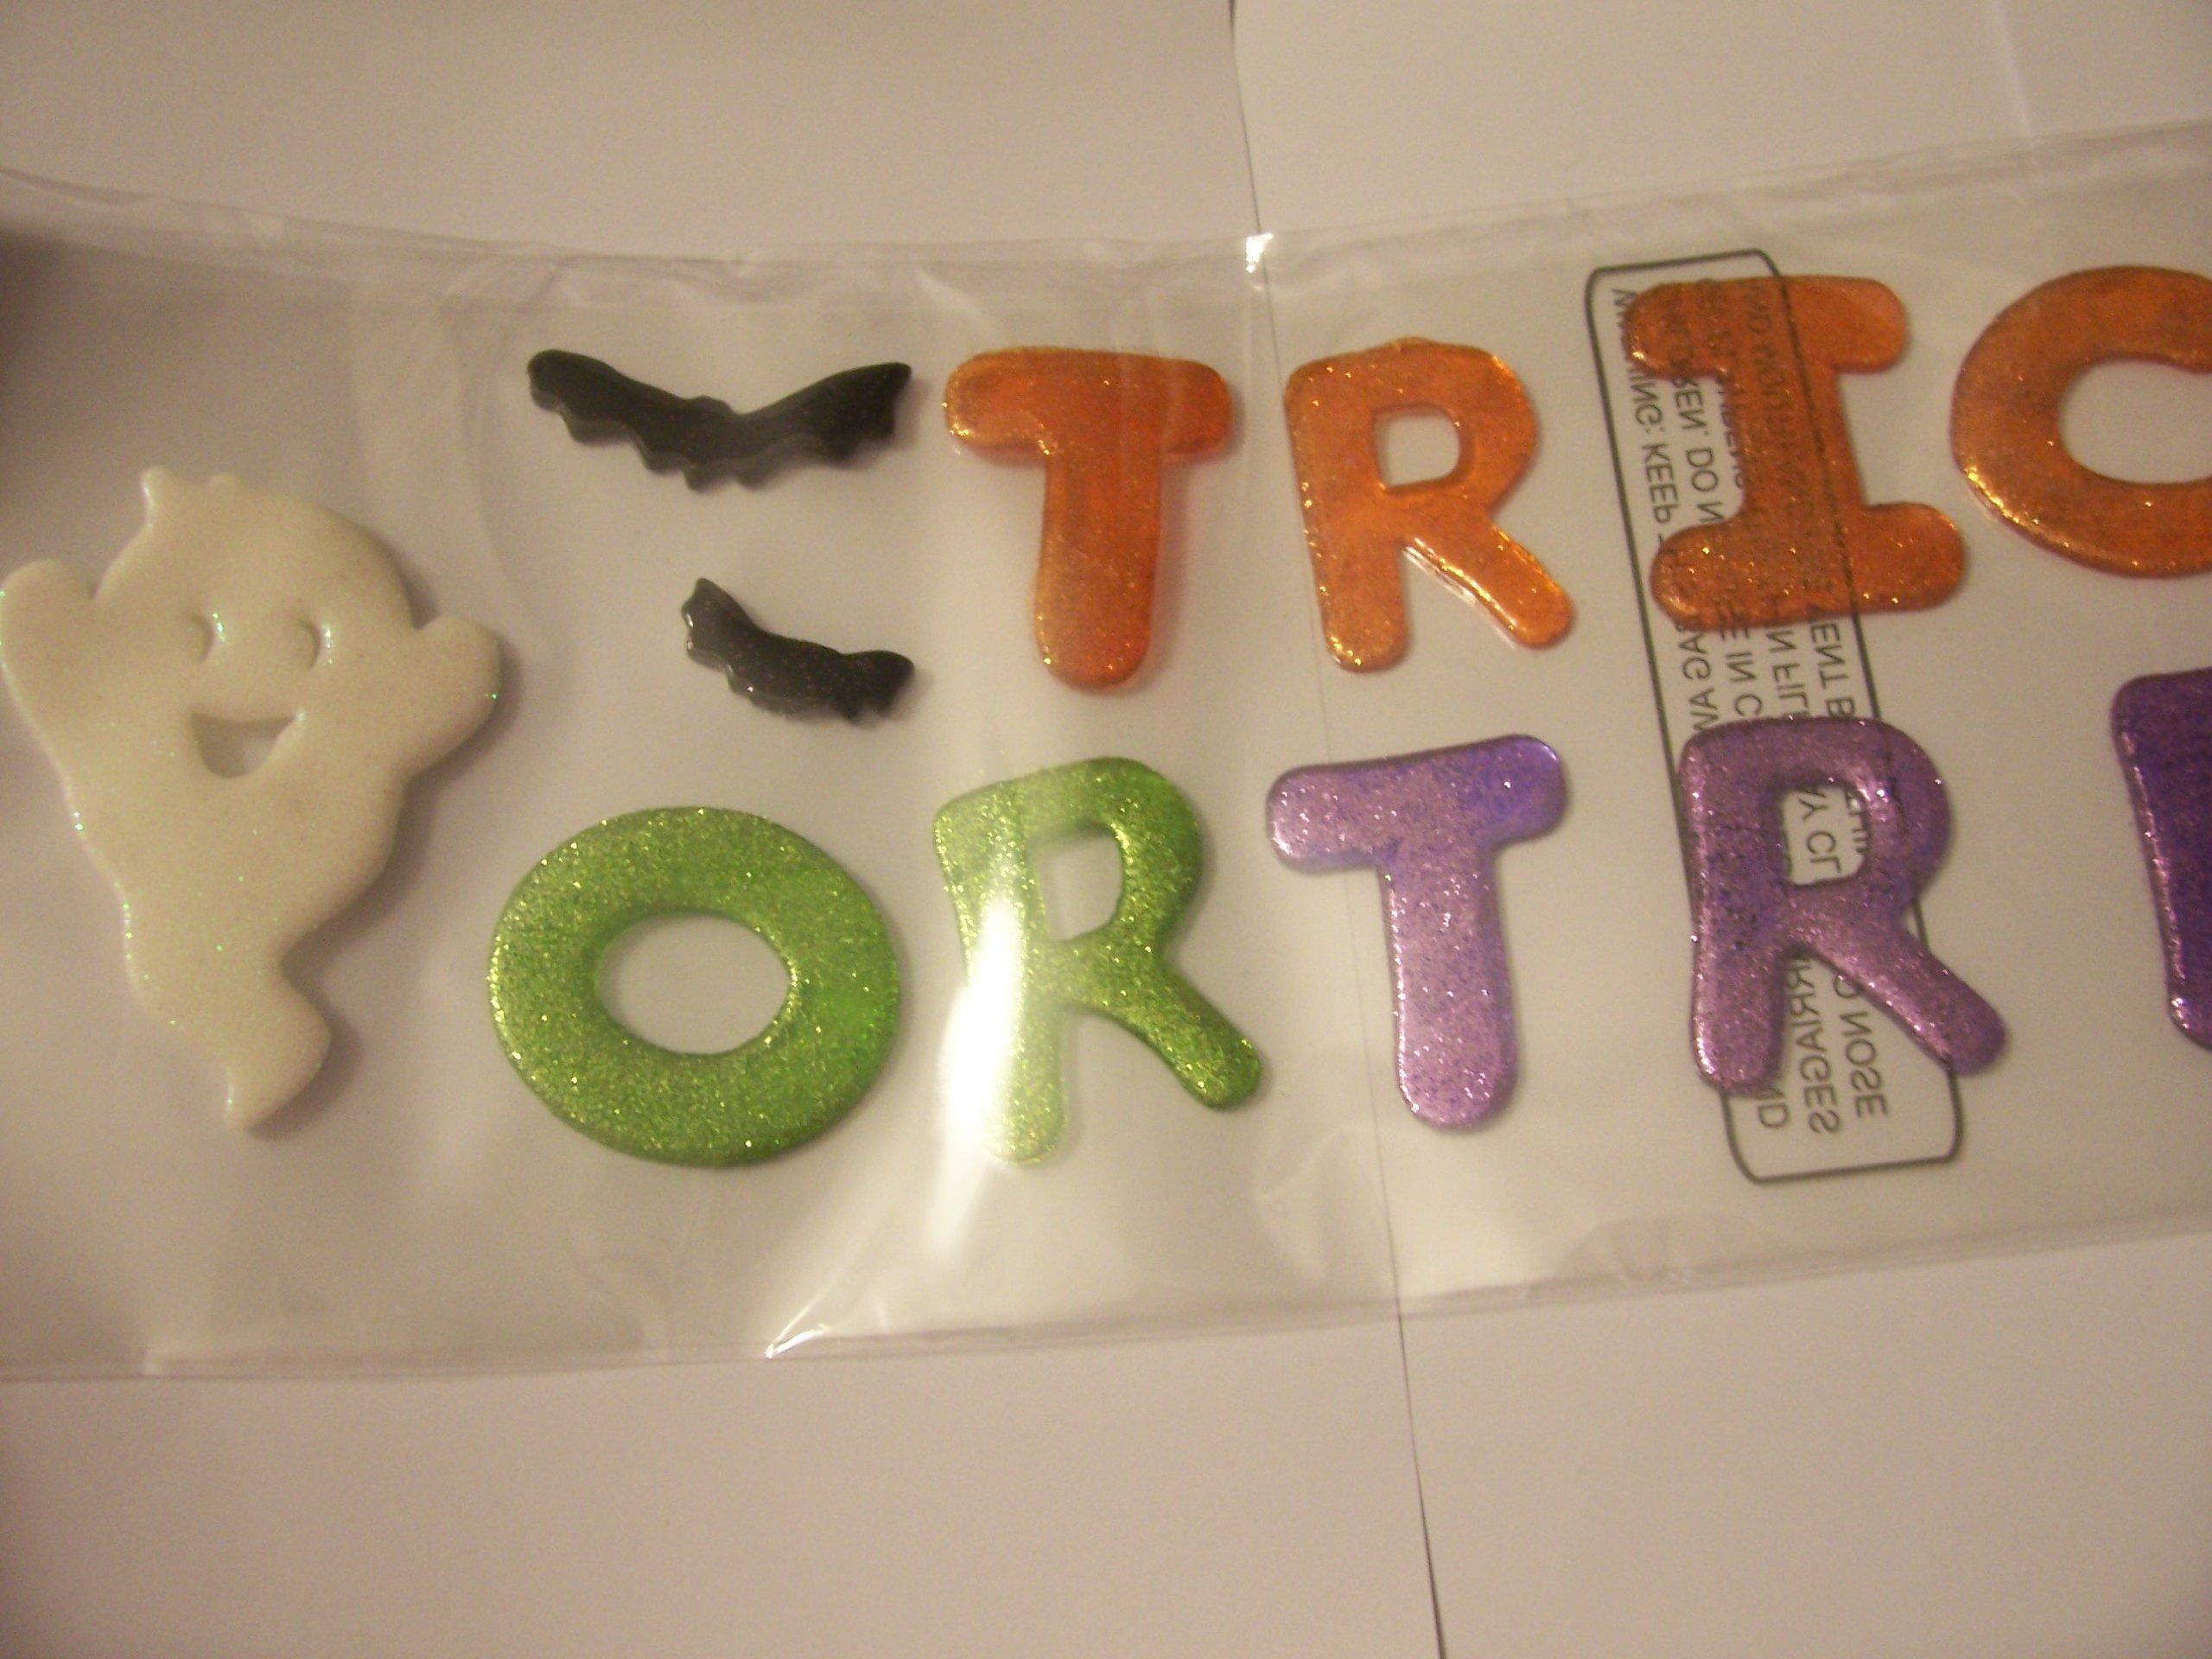 Halloween Long Window Gel Glitter Clings ~ Trick or Treat, Ghosts, Bats (19 Clings)